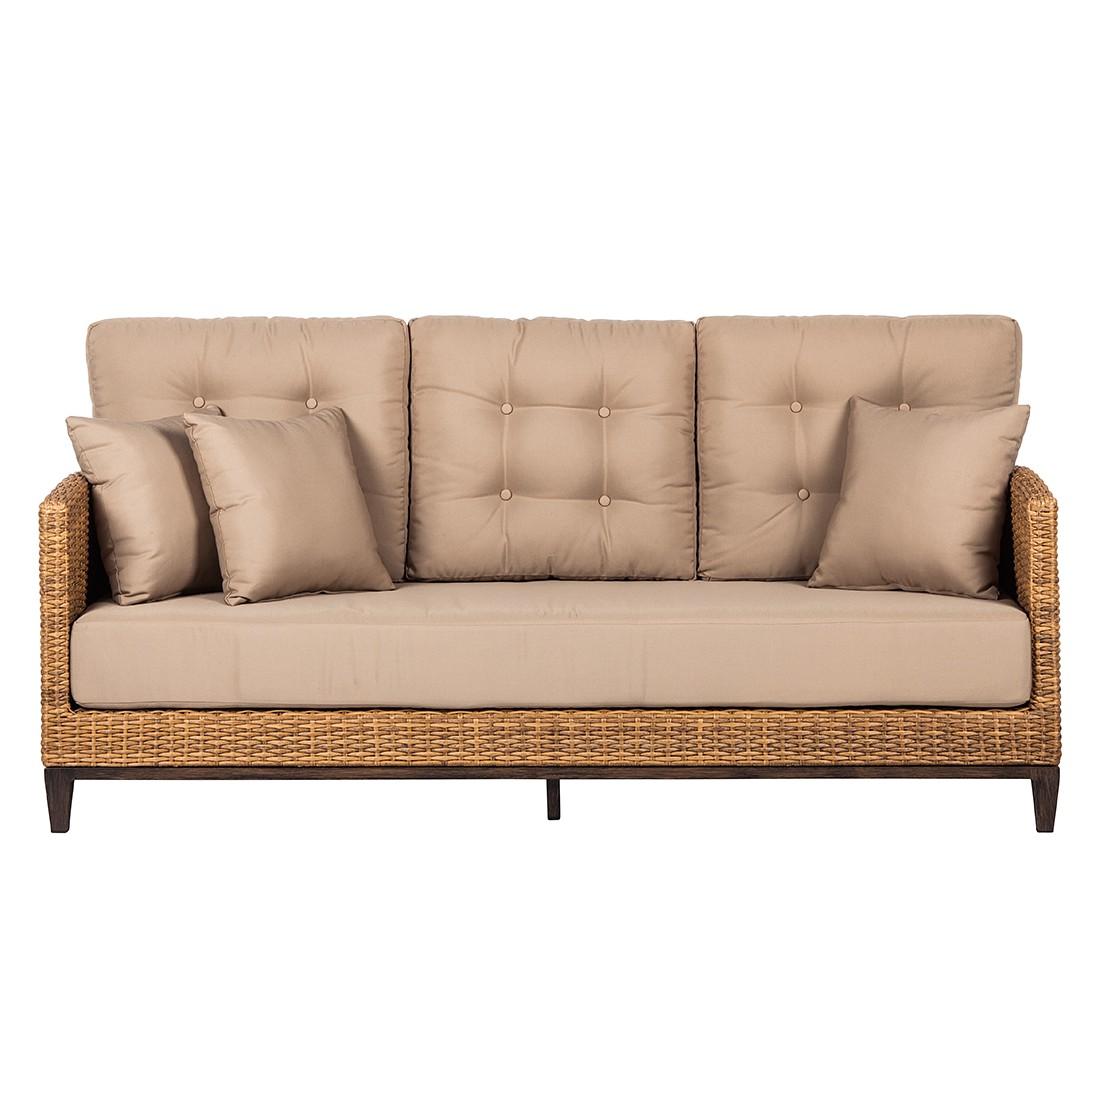 loungesofa cassale 3 sitzer polyrattan hellbraun chateau garden kaufen. Black Bedroom Furniture Sets. Home Design Ideas